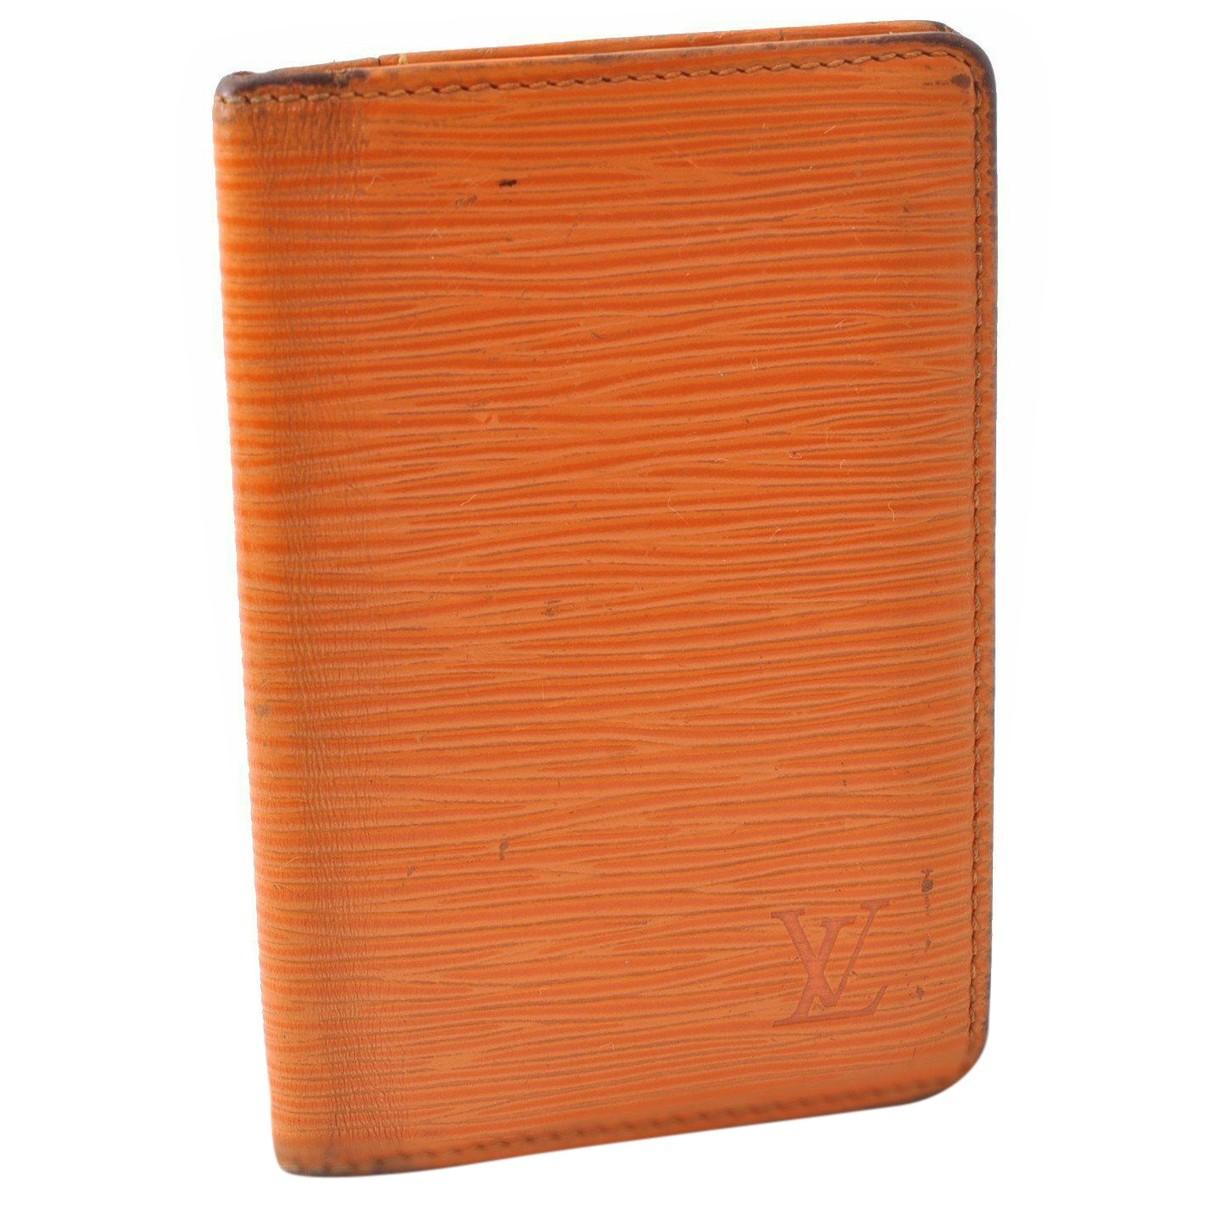 Louis Vuitton - Petite maroquinerie   pour femme en cuir - orange